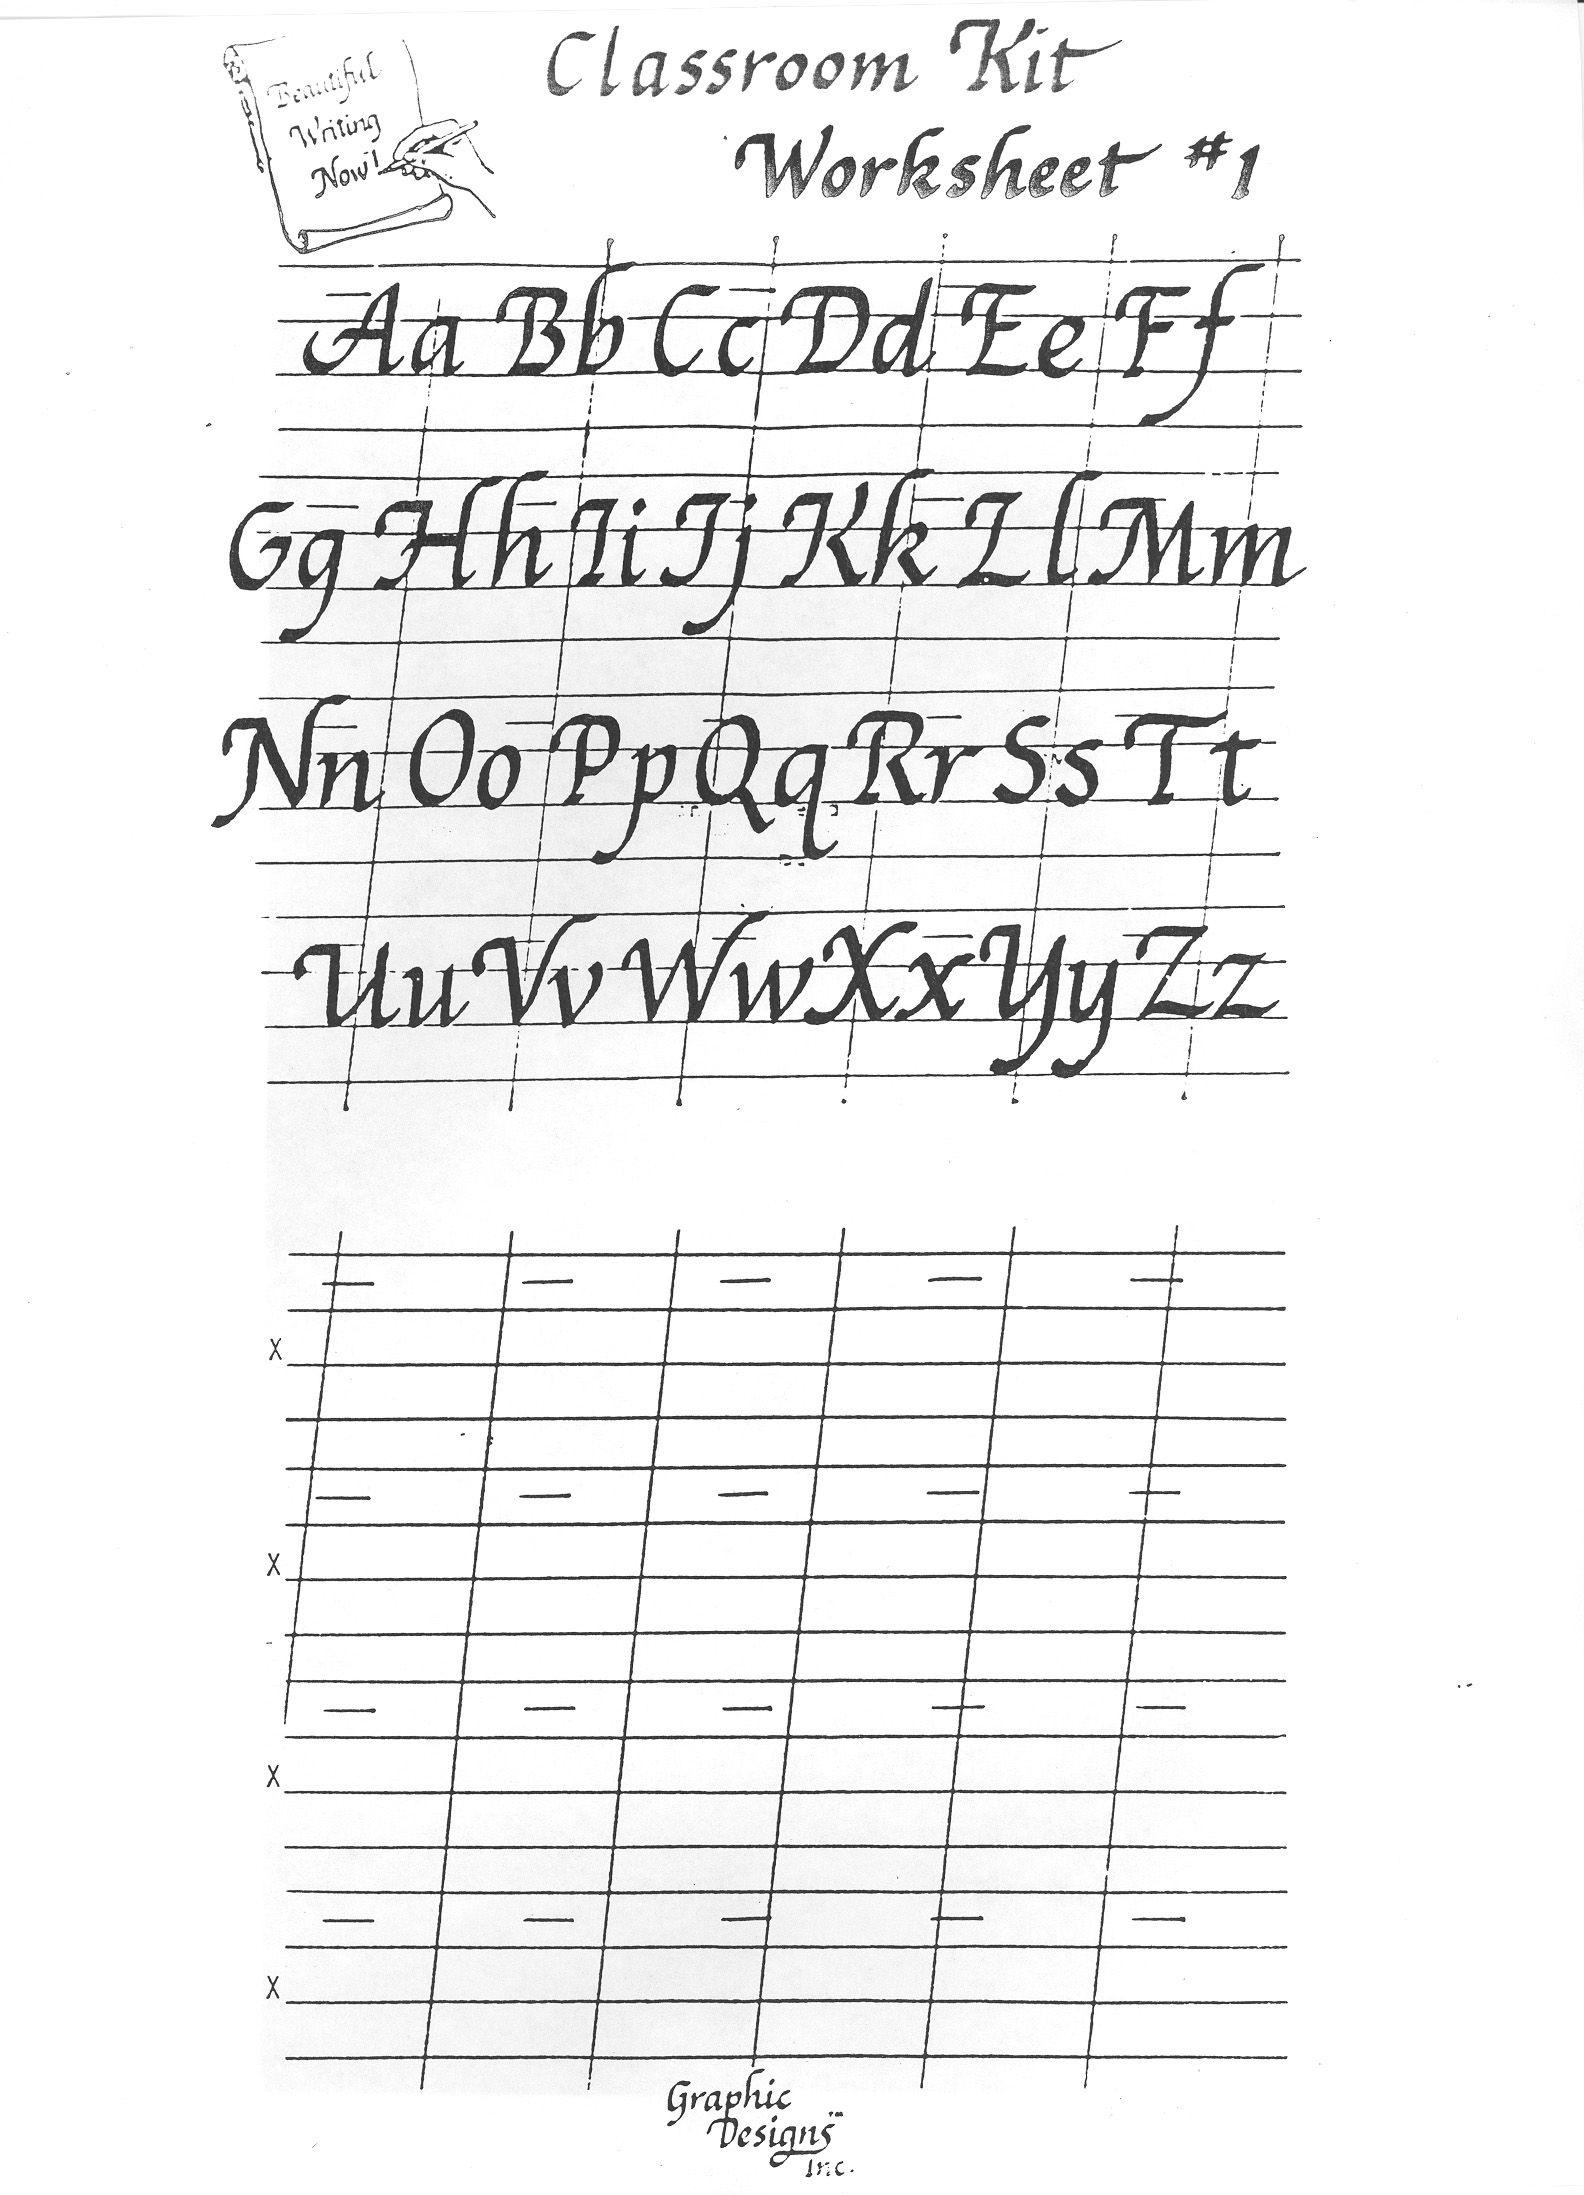 Free Printable Calligraphy Alphabet Practice Sheets | Scrapbooking - Free Printable Calligraphy Worksheets